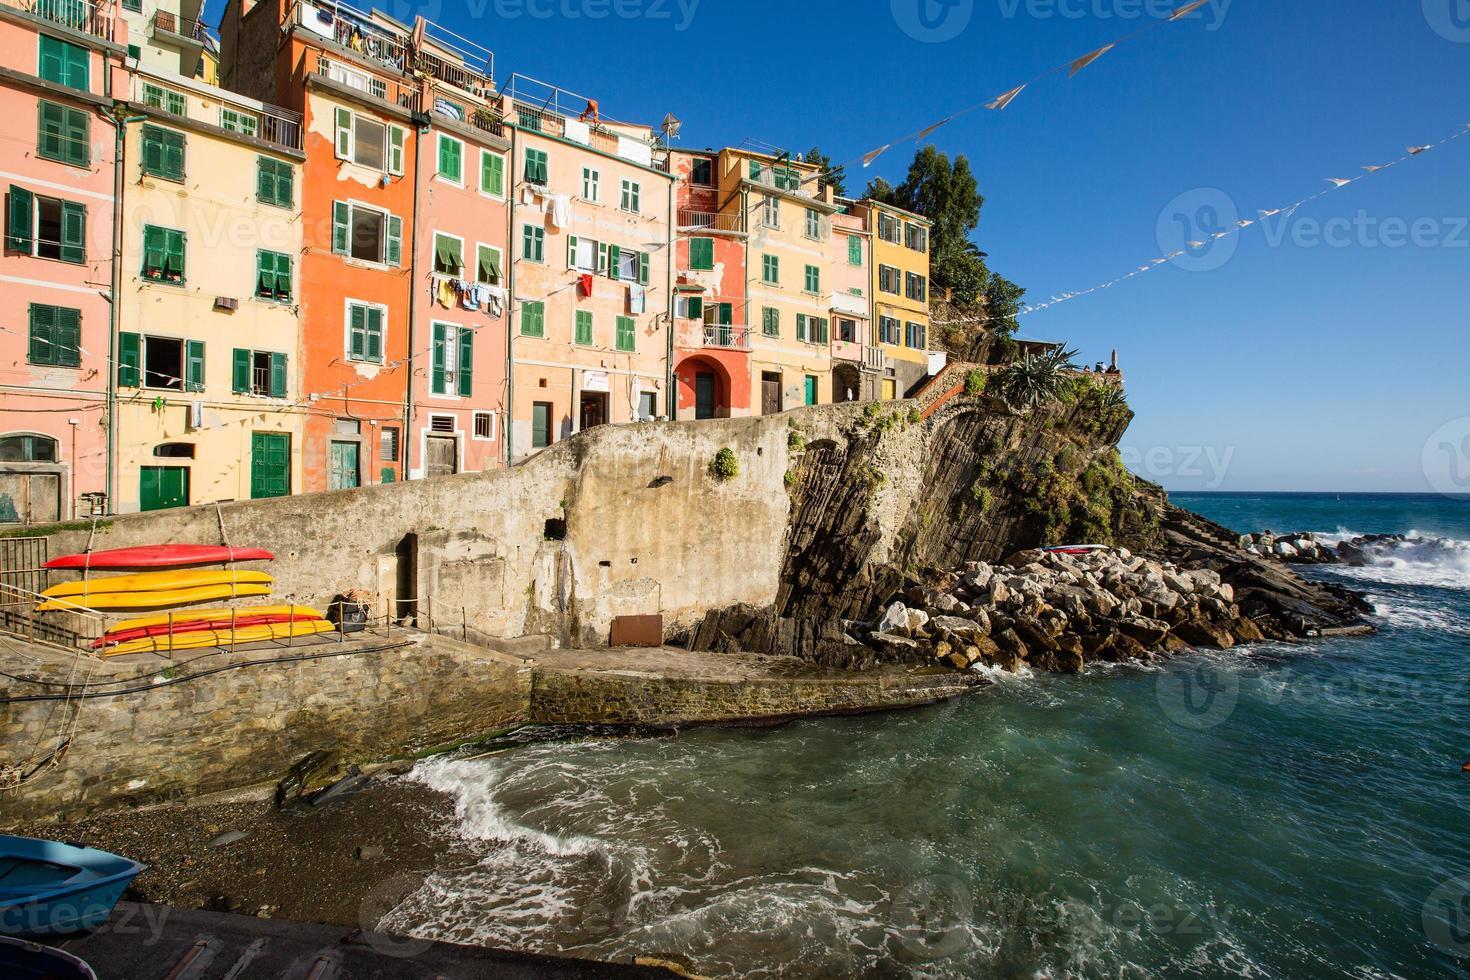 riomaggiore- italia (cinque terre- patrimonio mondiale dell'unesco) foto